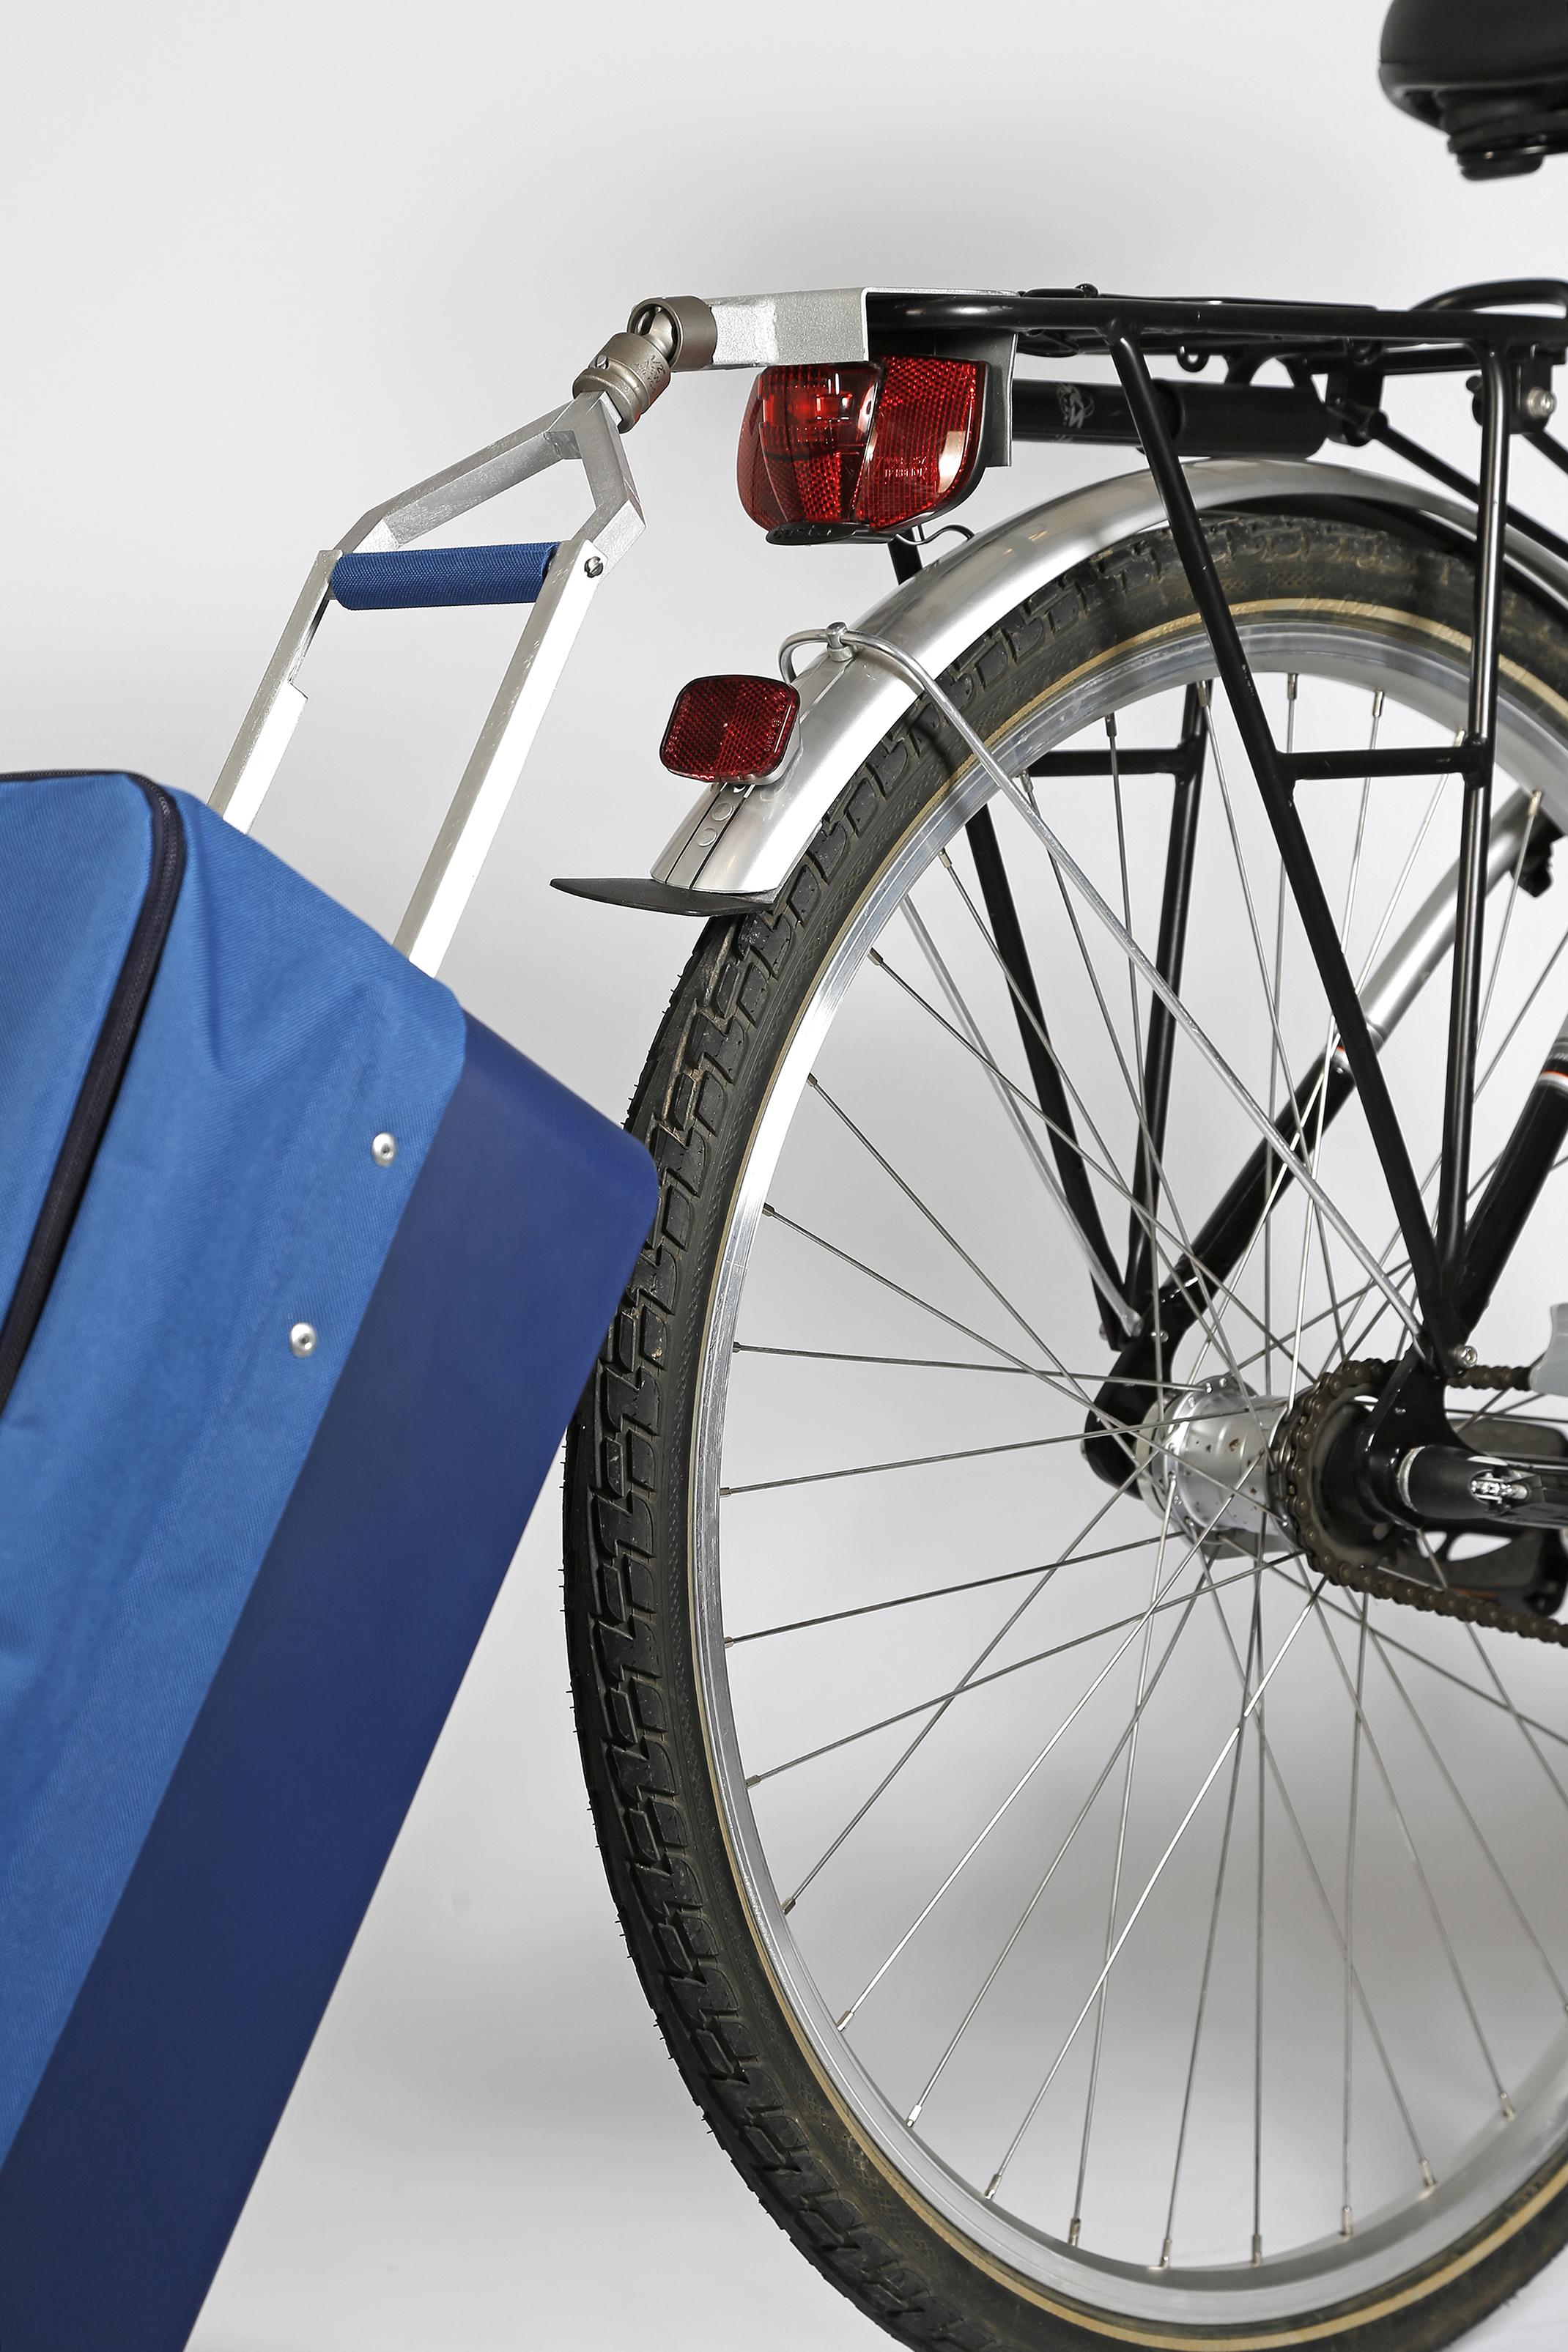 troll n' bike – Nora Queck | Photo:Nora Queck